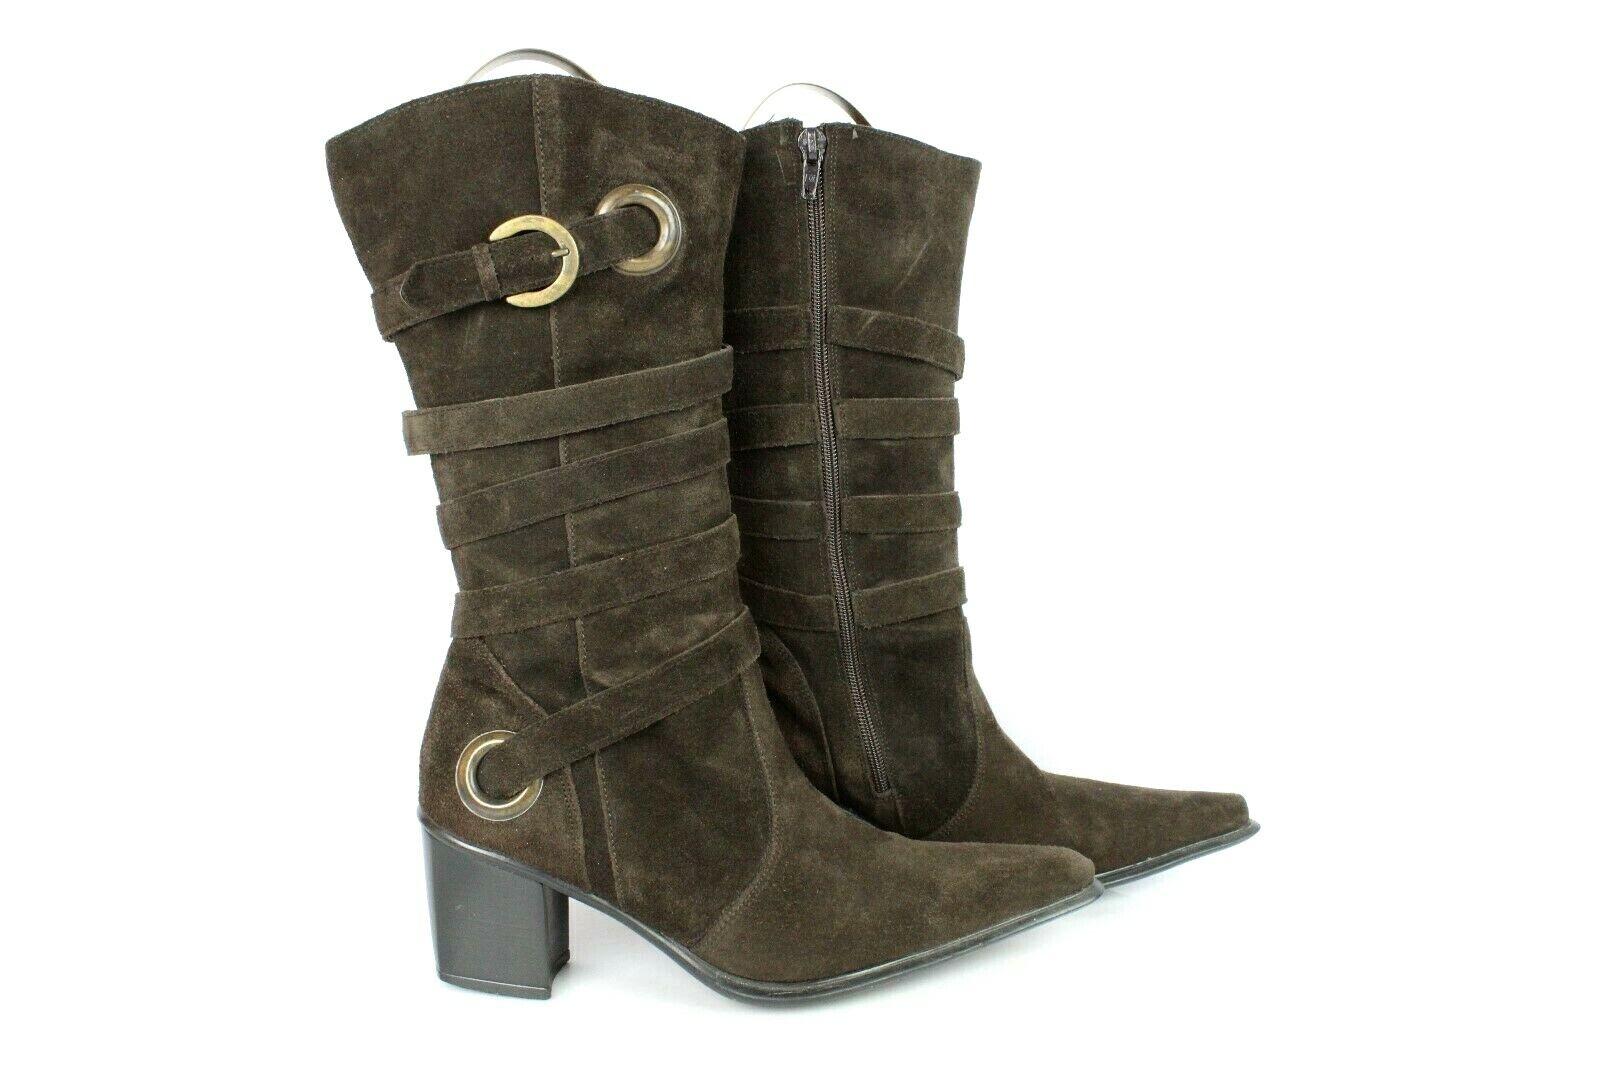 Mi Stiefel Stiefletten Kabel braunes Wildleder T 40 UK 6.5 sehr guter Zustand